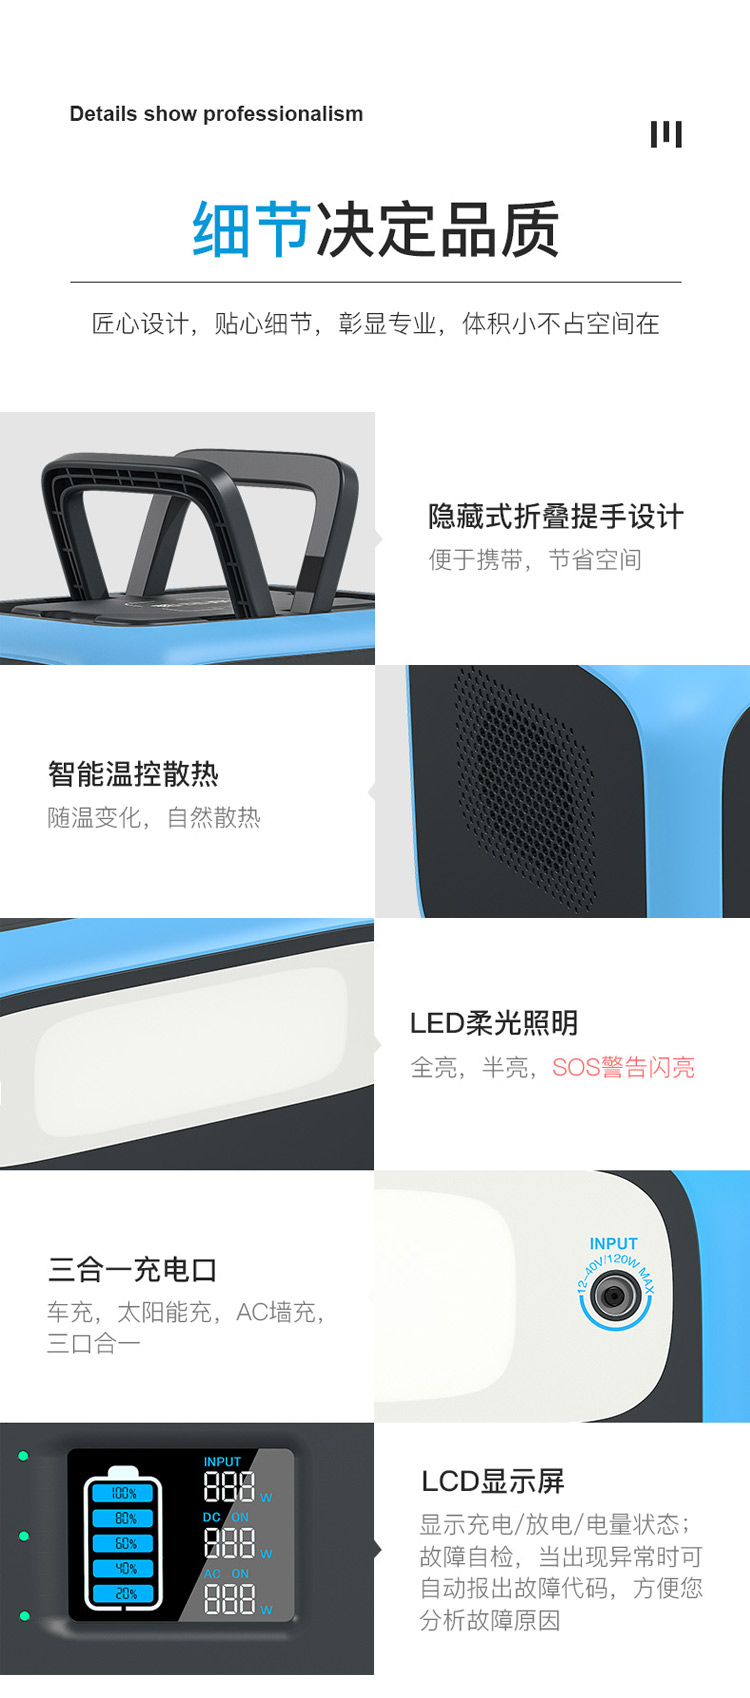 铂陆帝户外电源AC50产品详情图_09.jpg